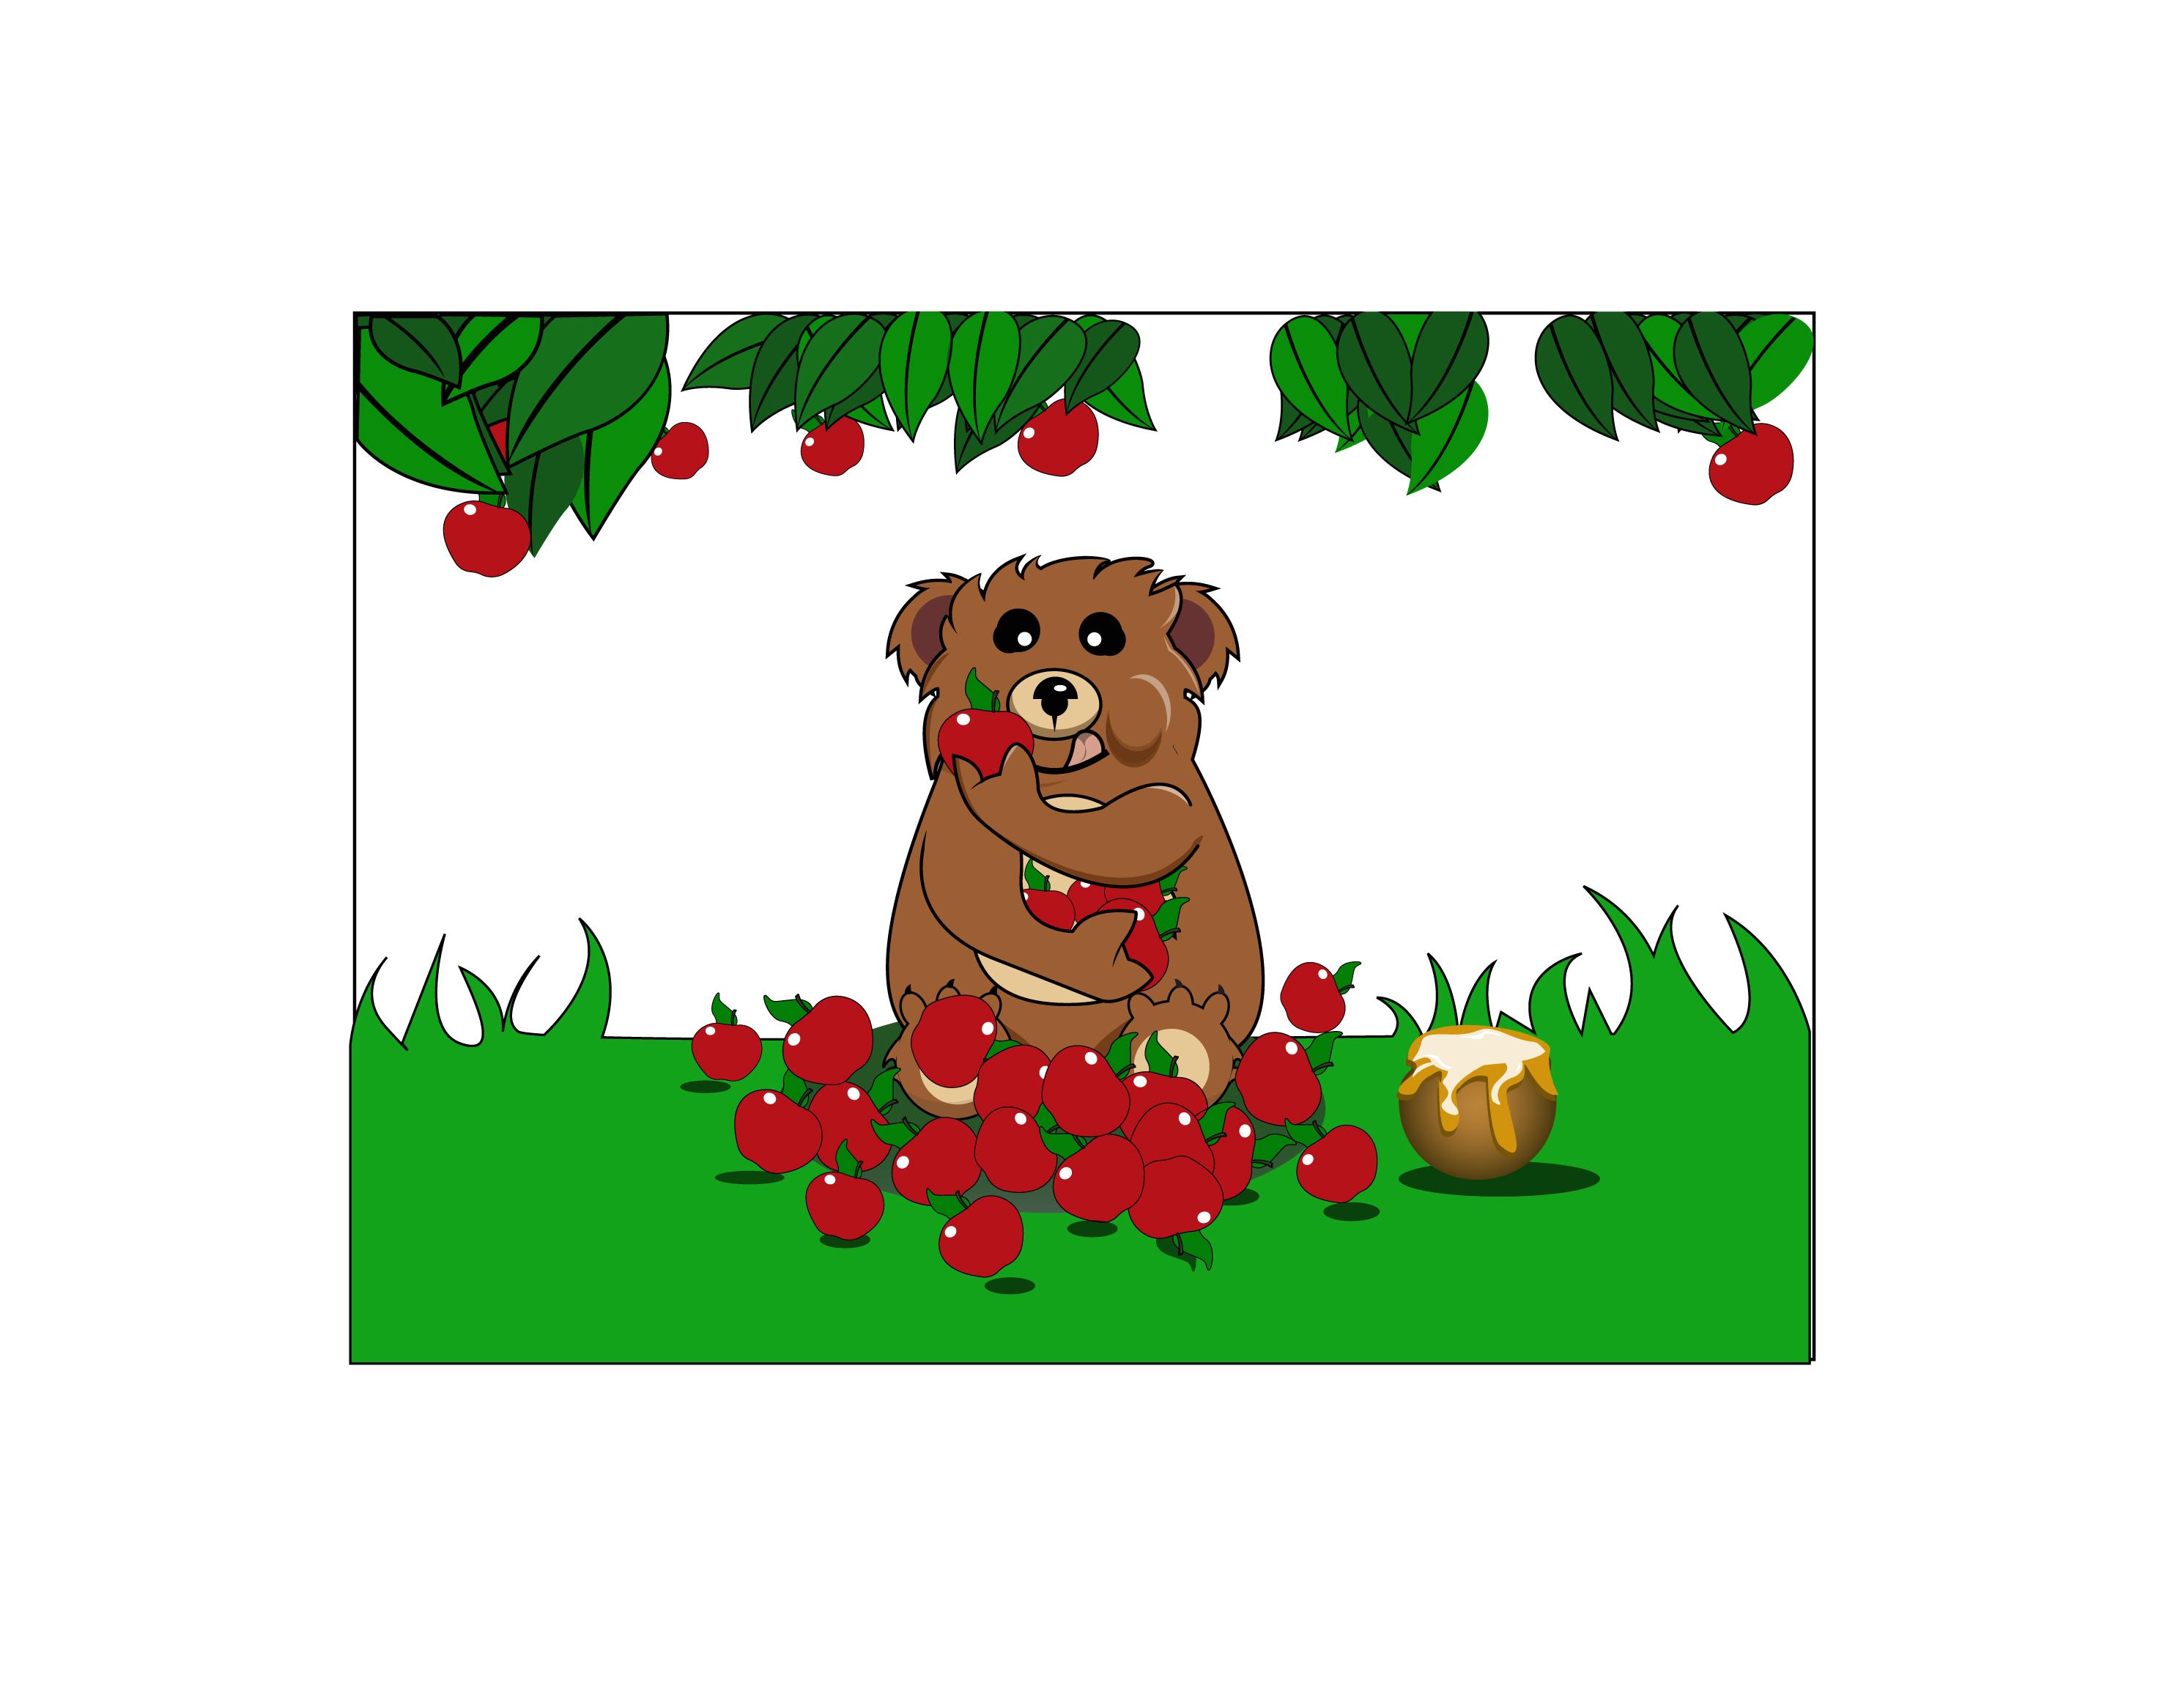 红苹果包装箱版面设计